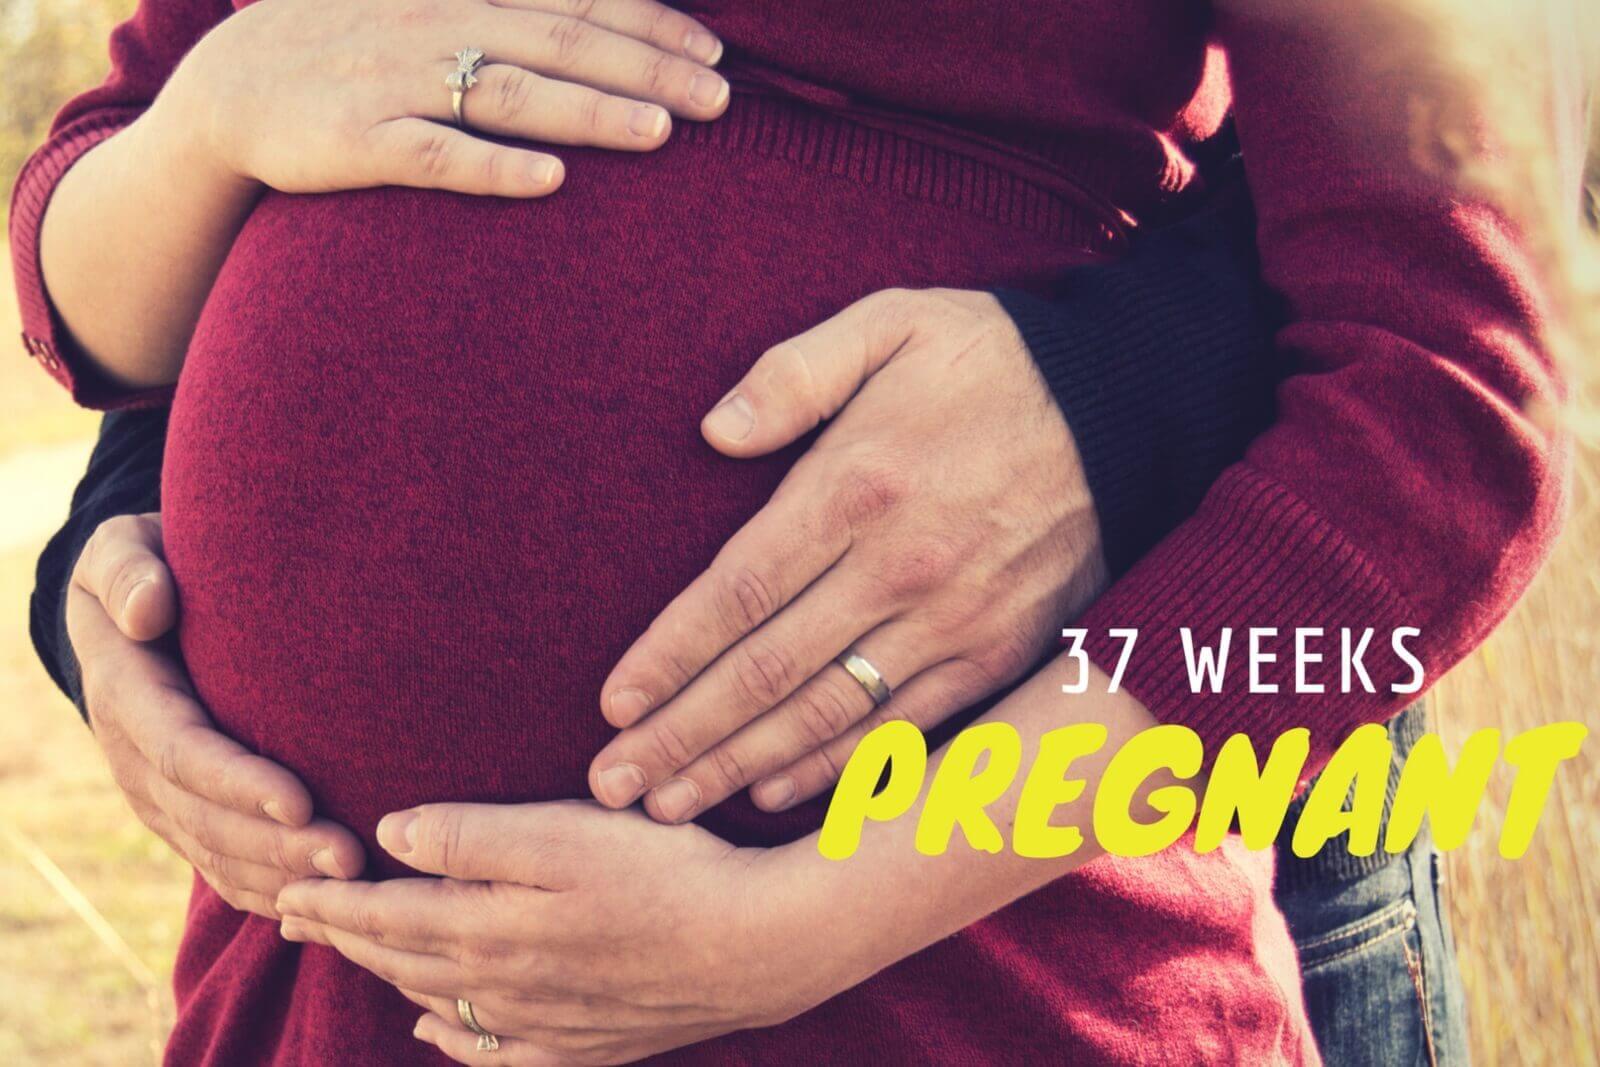 37-Weeks-Pregnant-Hero-Image